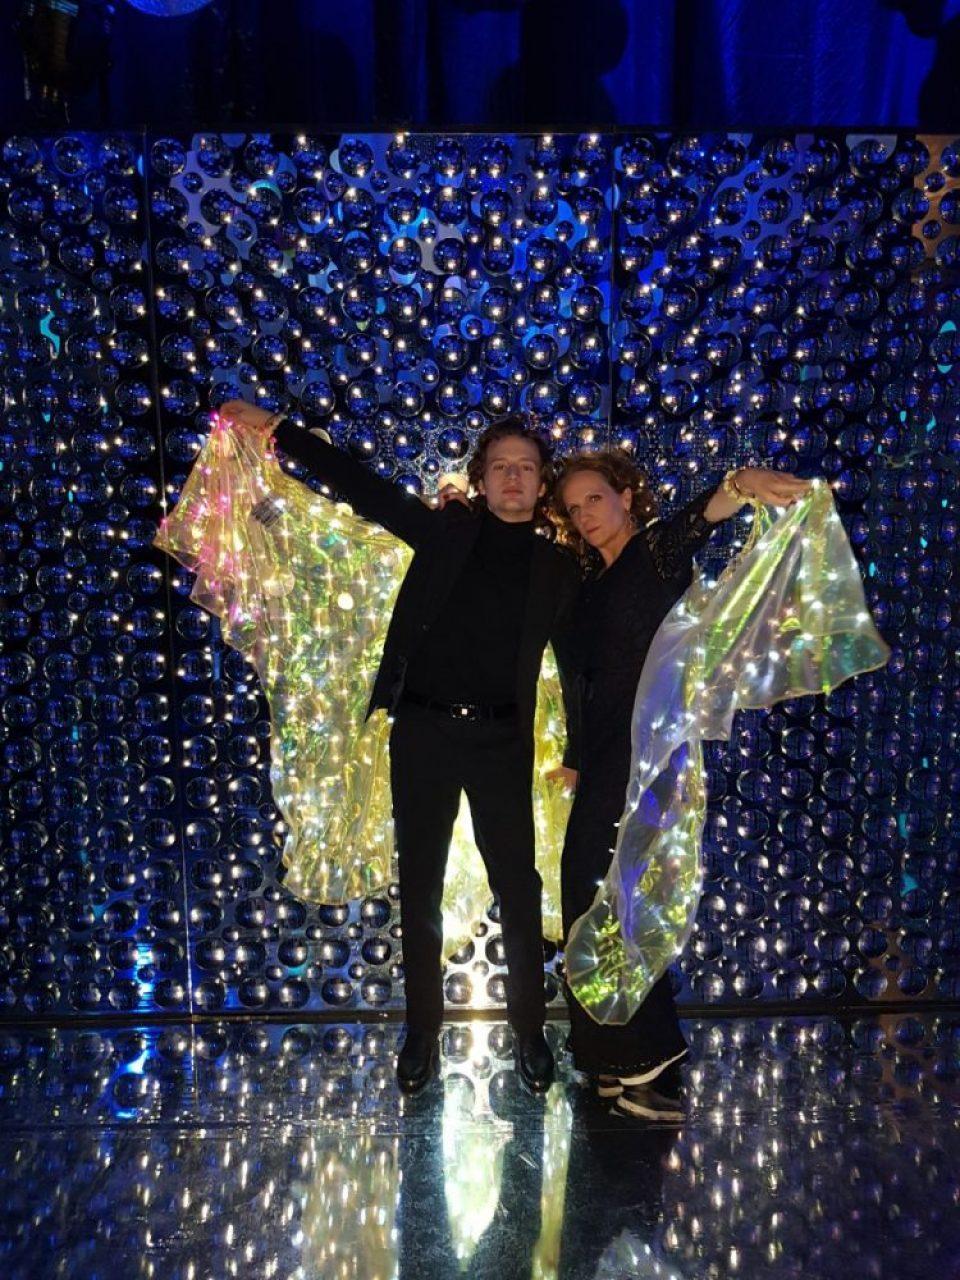 Toño y Ramona Cosio con las alas especiales que mandaron a hacer para la fiesta.